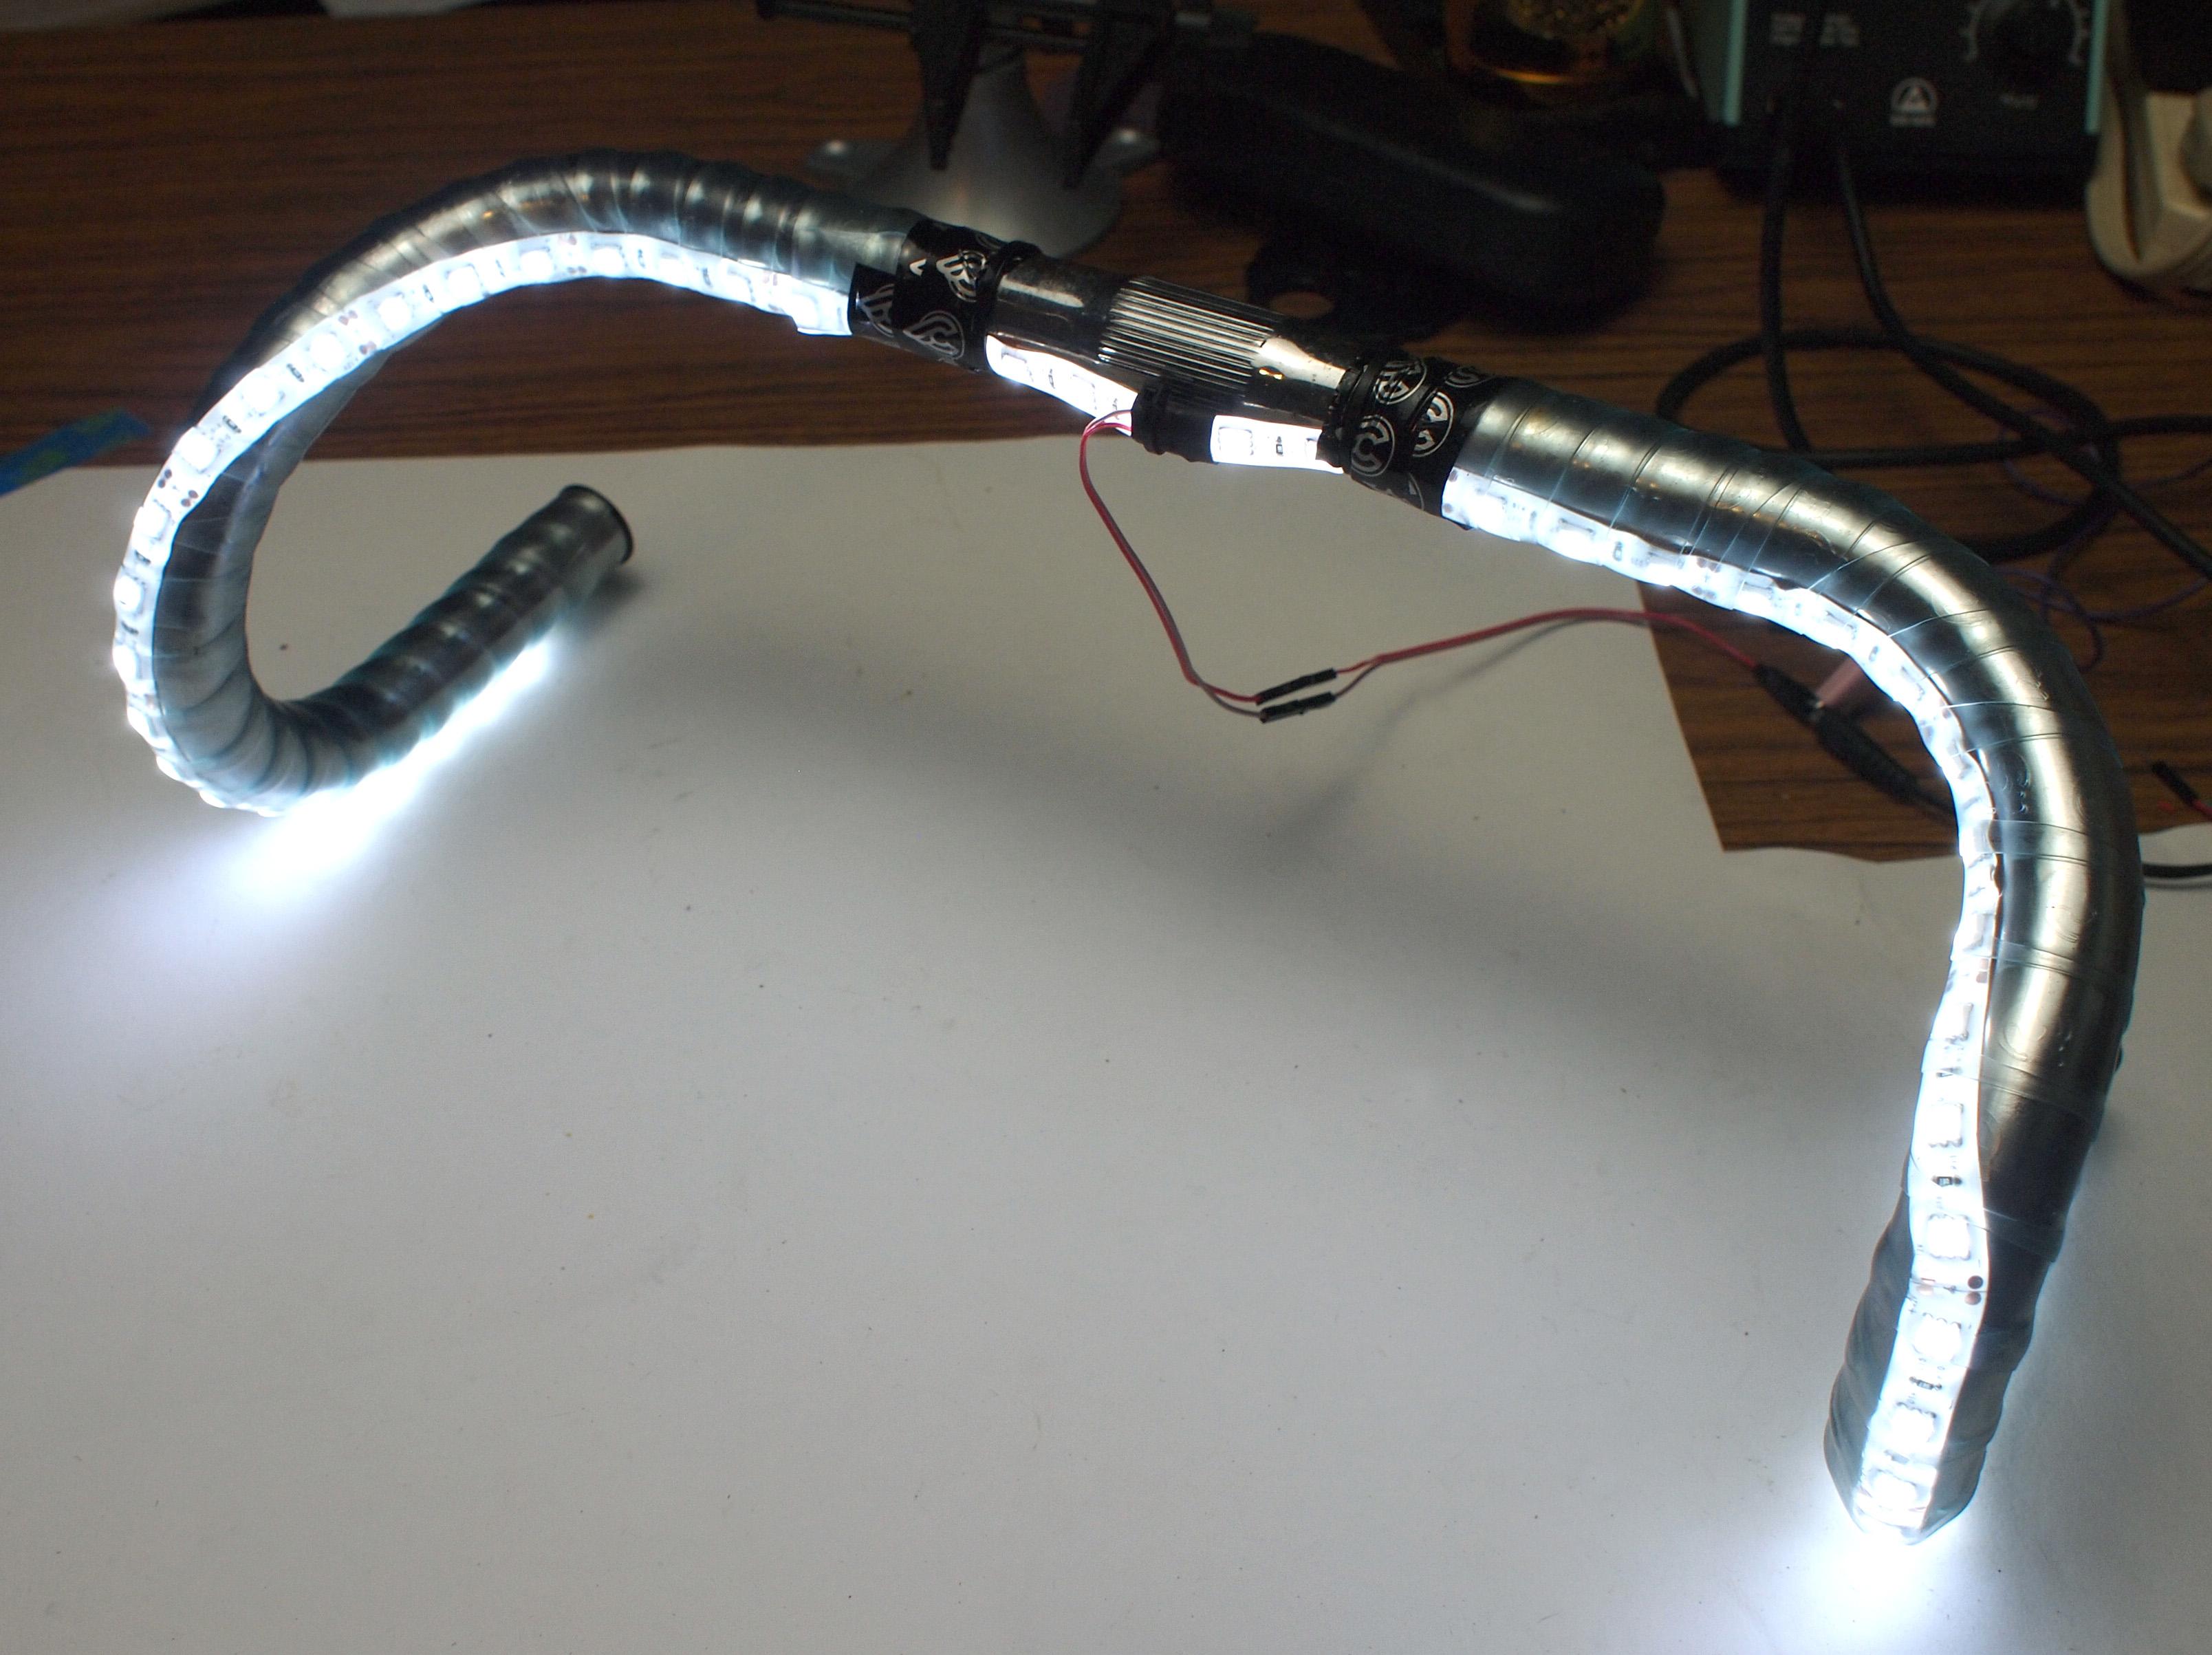 leds_LED-handlebars-adafruit-11.jpg